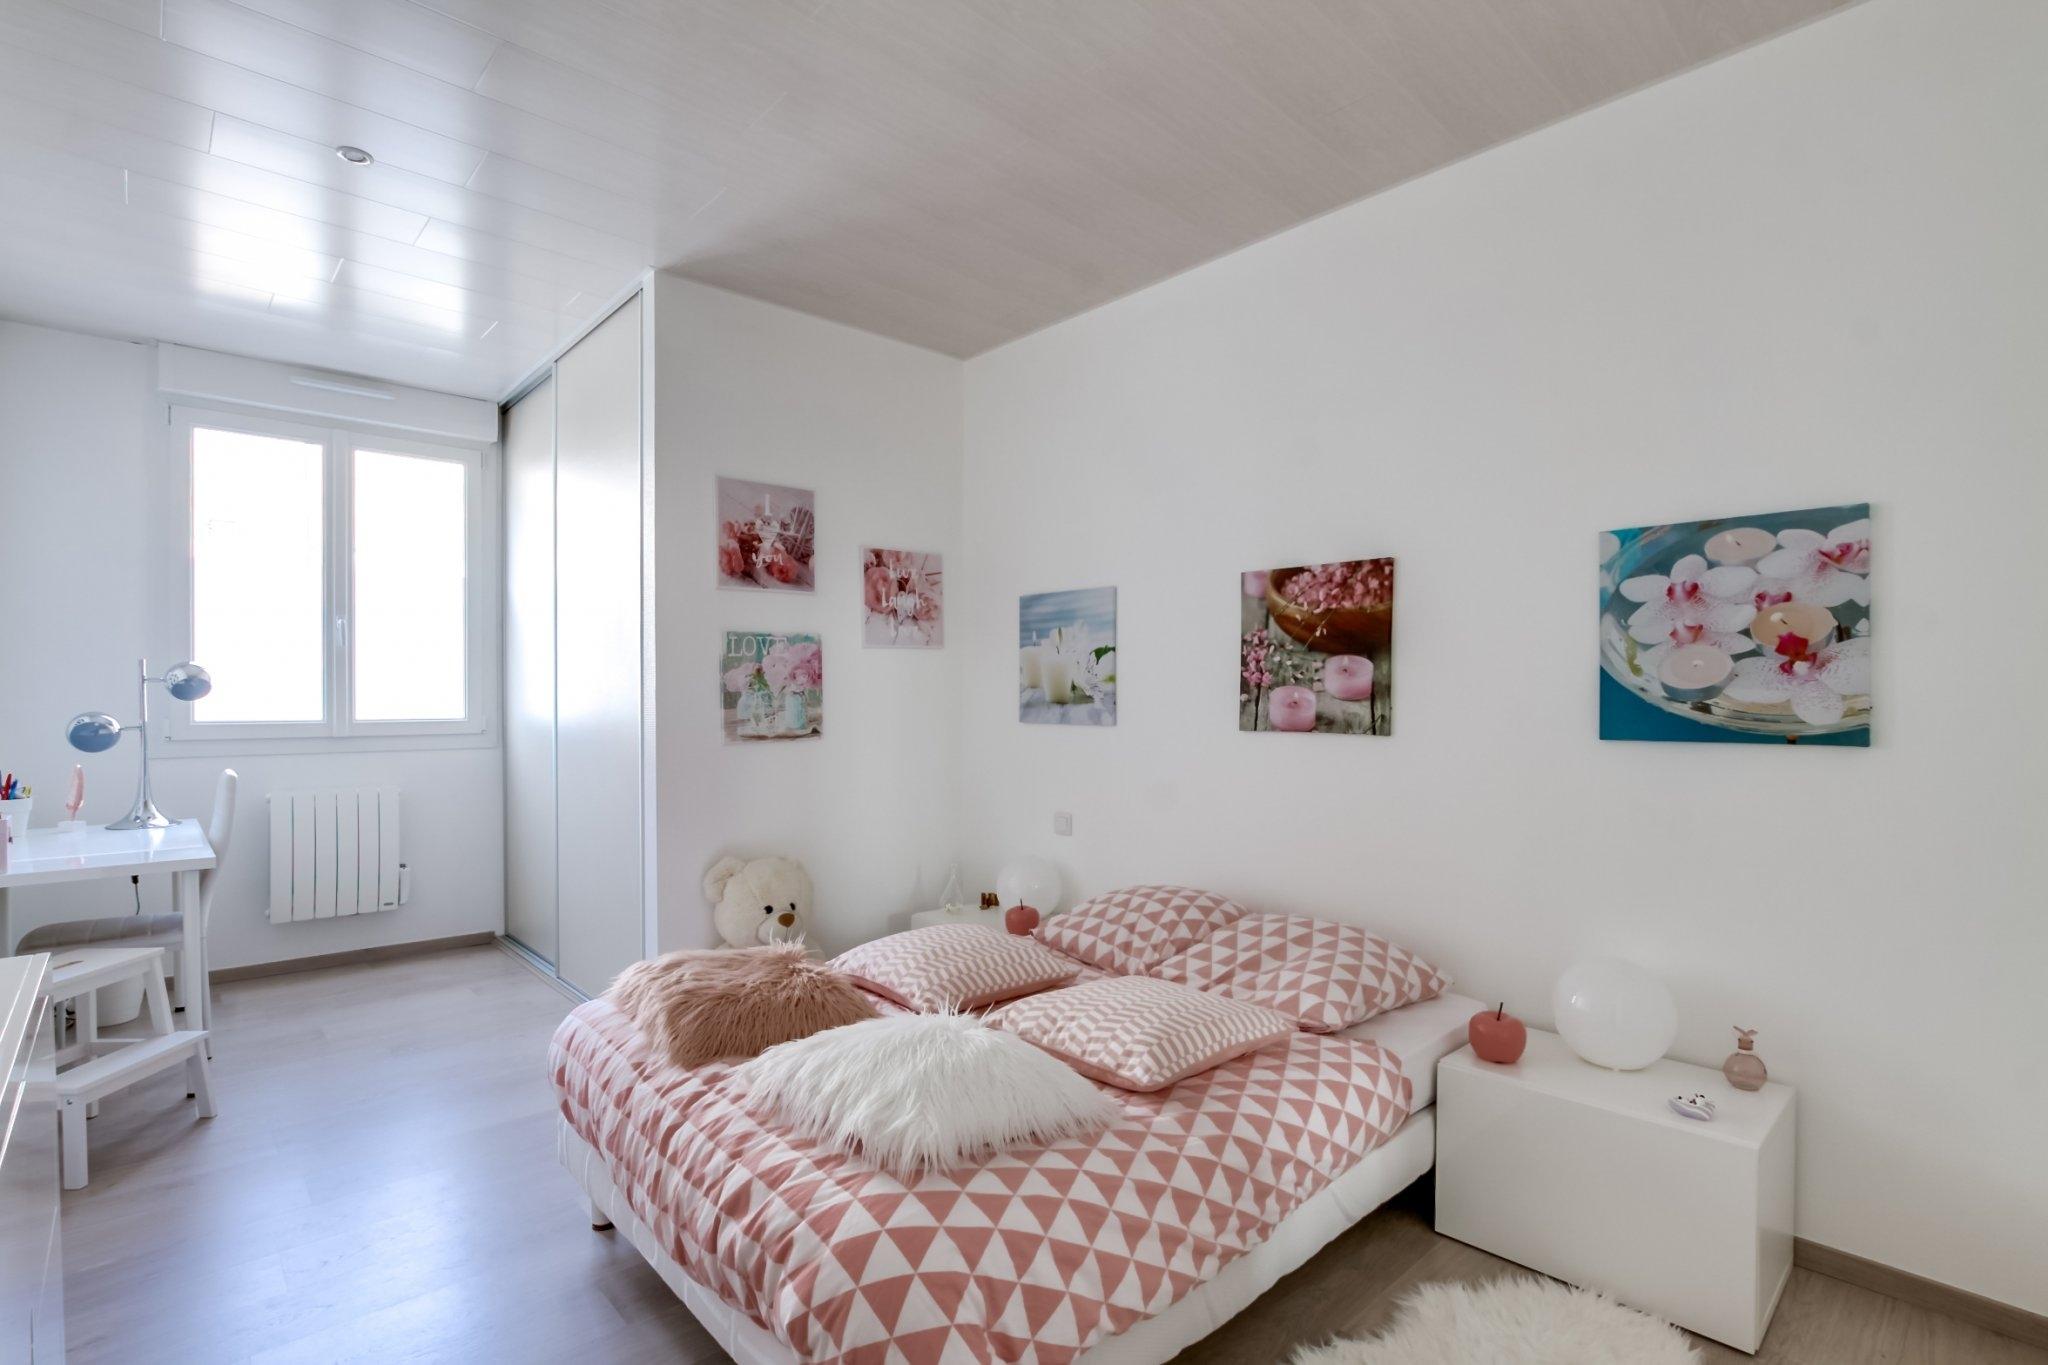 Appartement Reims 5 Pièces 179 m2 - 7